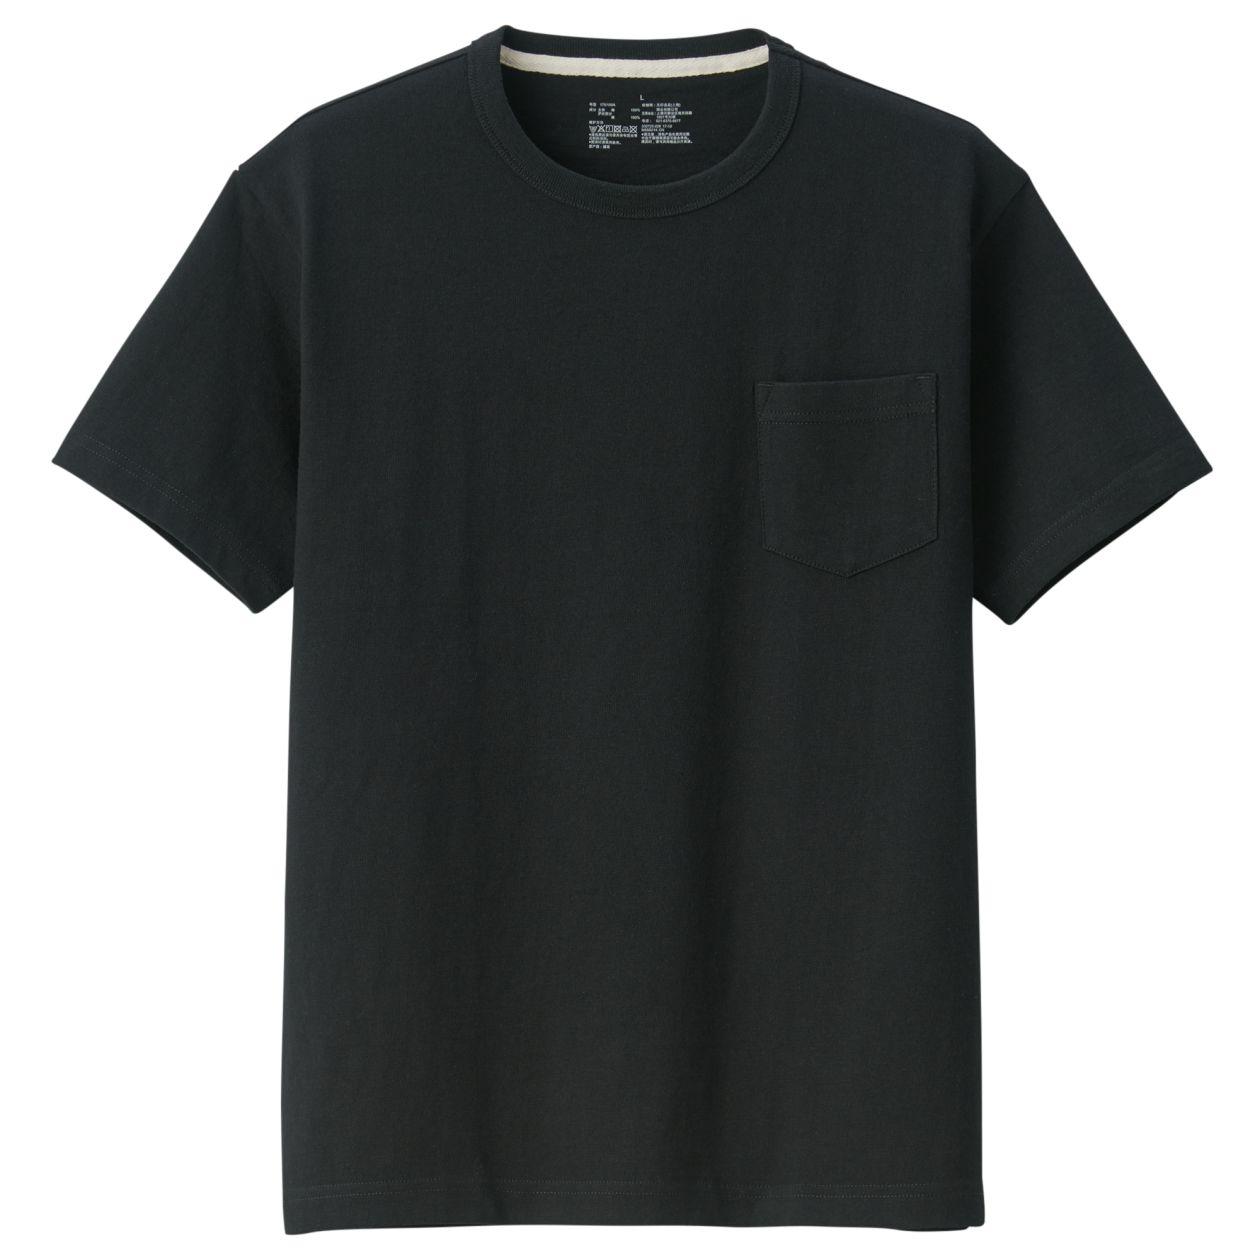 無印良品|太番手 天竺編みポケット付き半袖Tシャツ